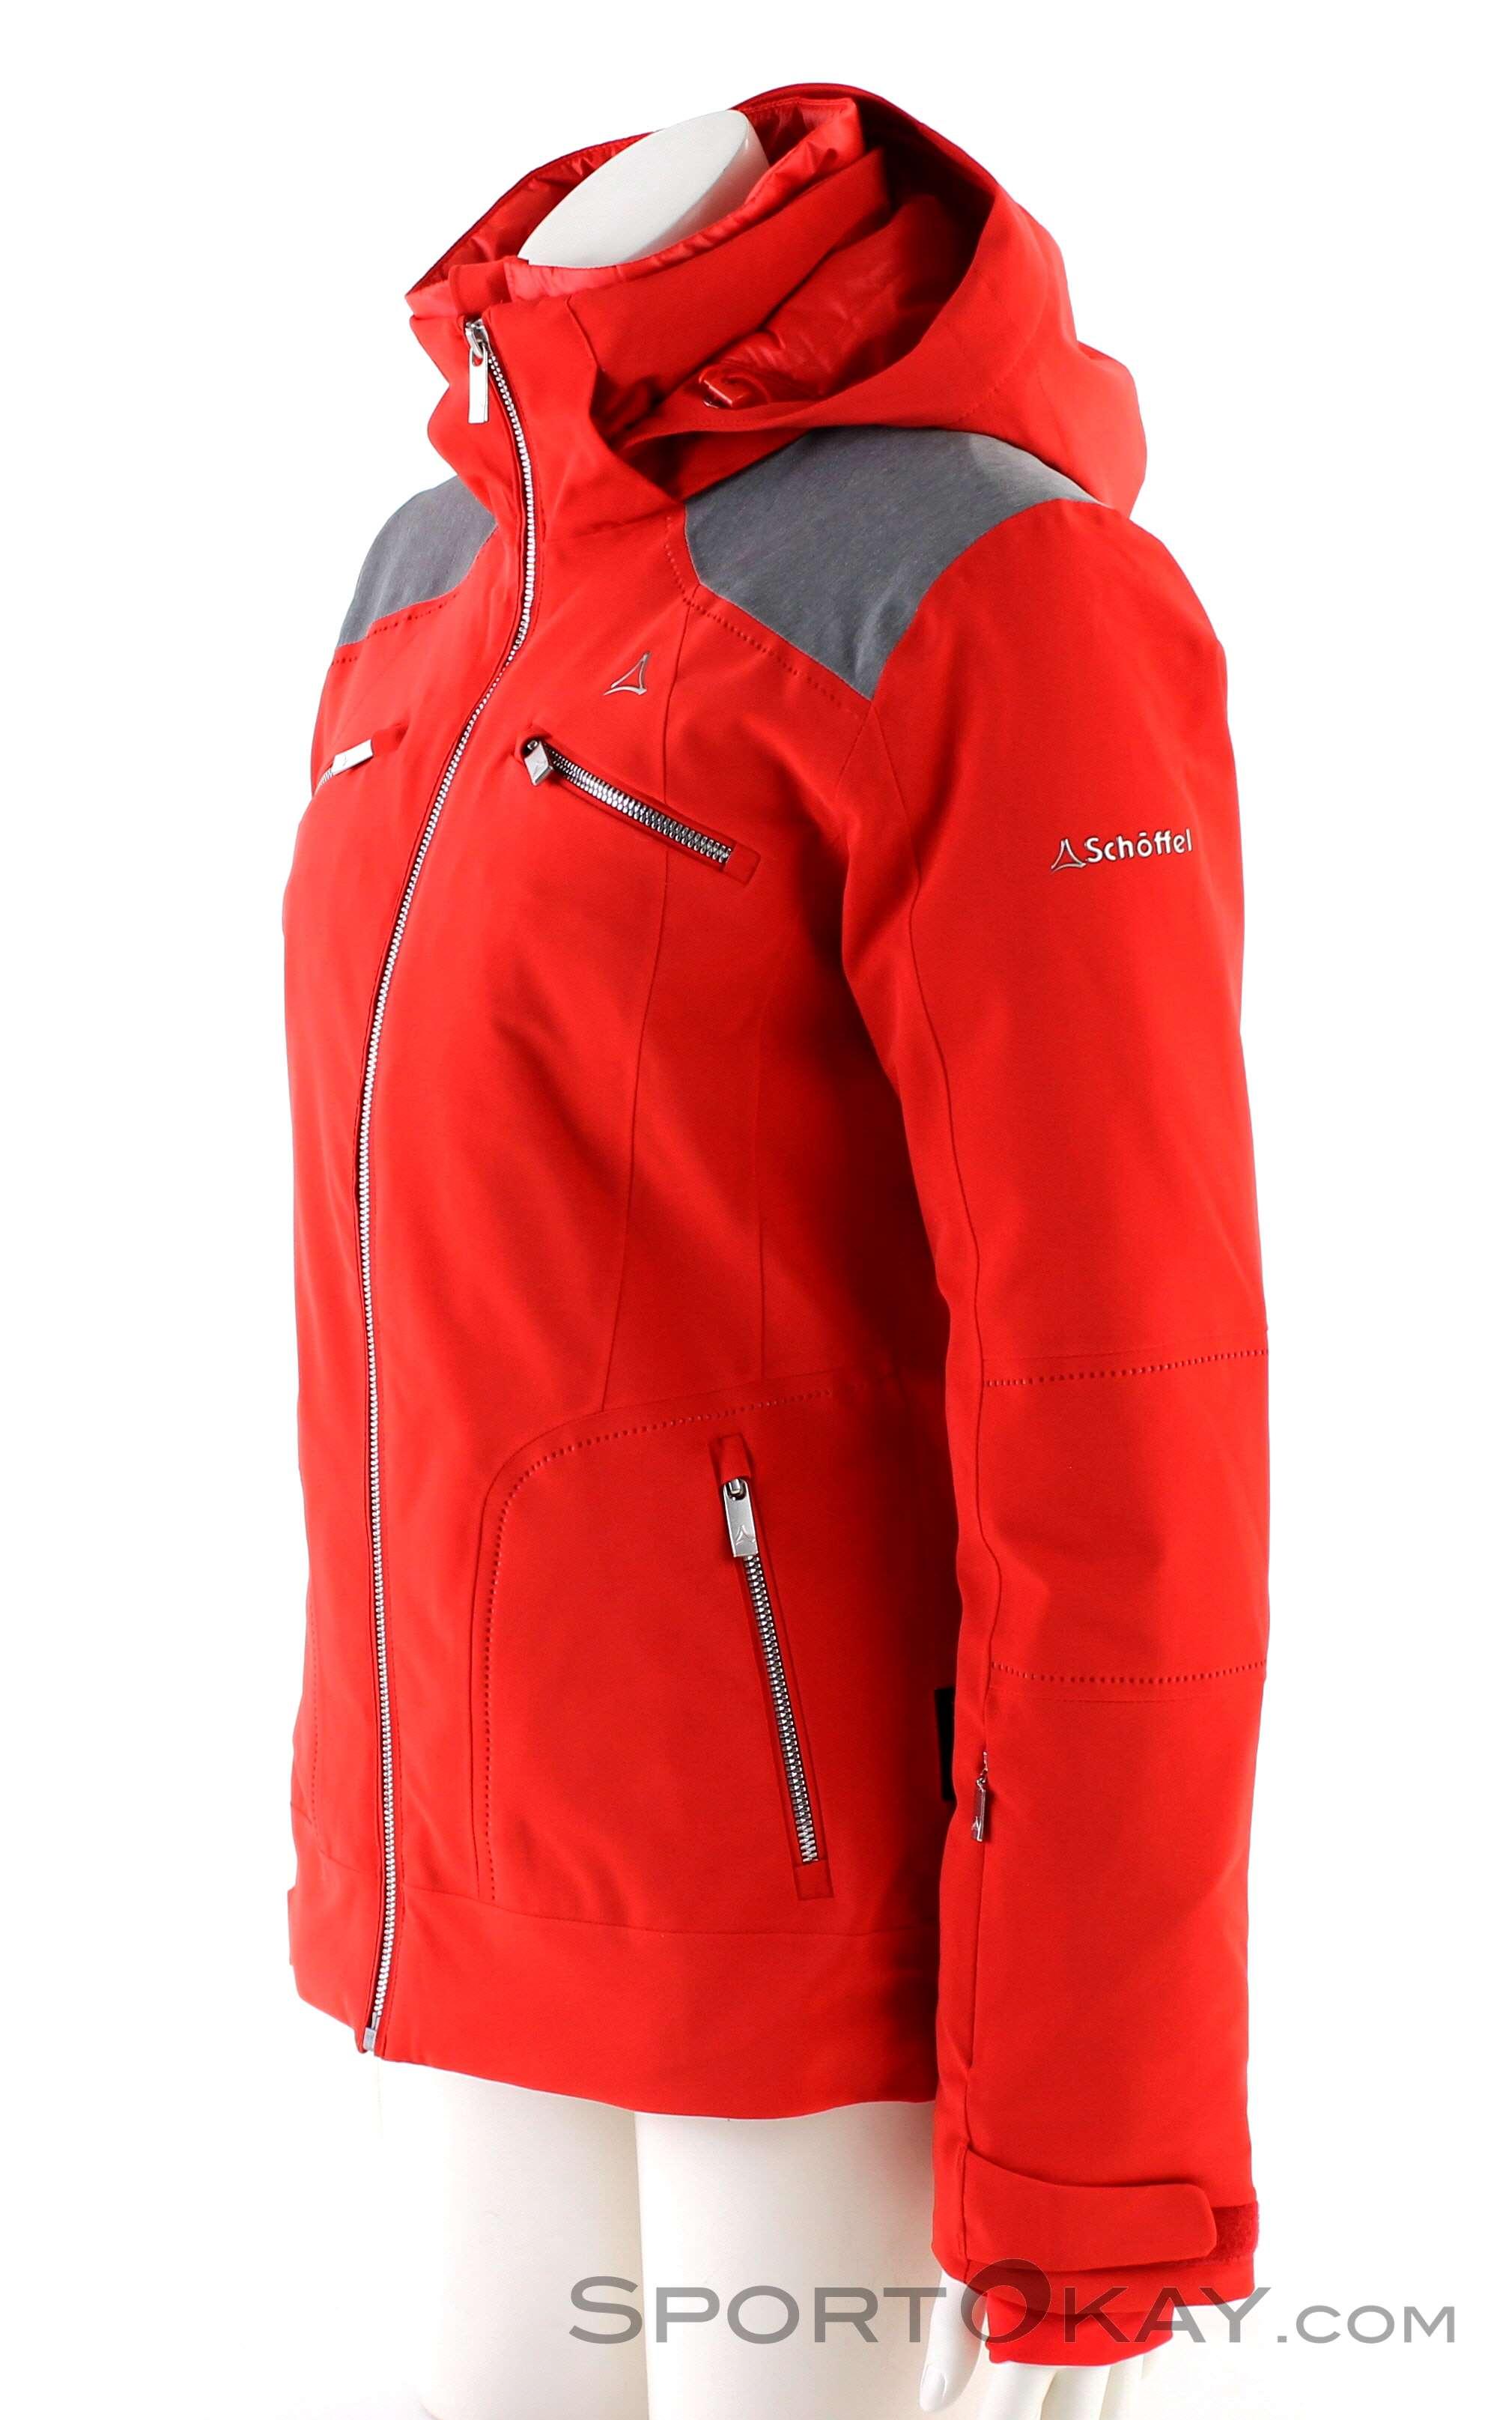 newest collection discount sale huge inventory Schöffel Schöffel Jacket Toulouse Damen Skijacke